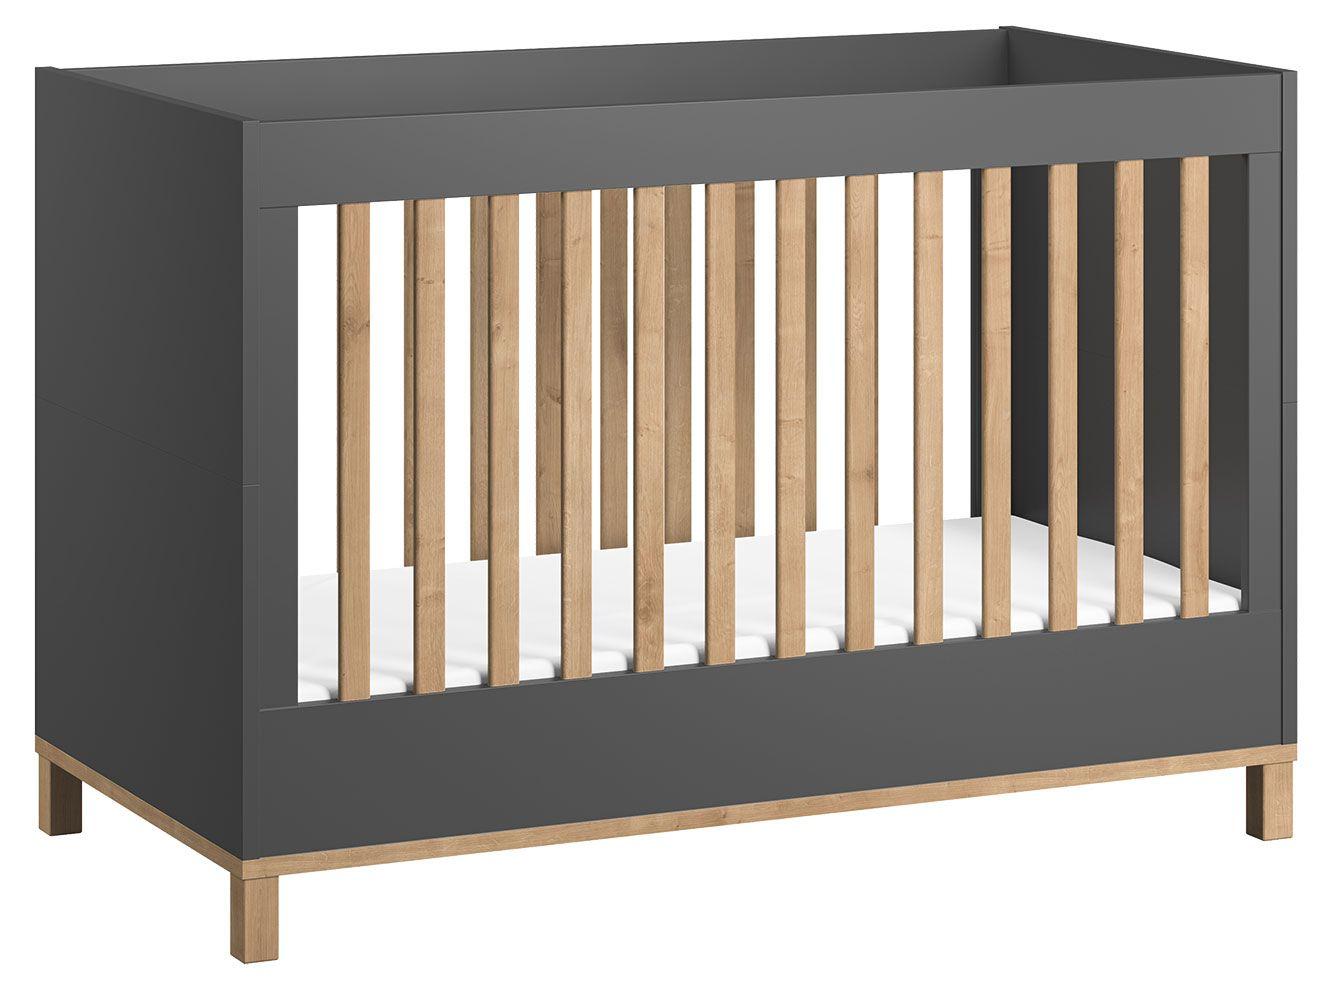 Babybett / Gitterbett Lijan 02, Farbe: Grau / Eiche - Liegefläche: 70 x 140 cm (B x L)